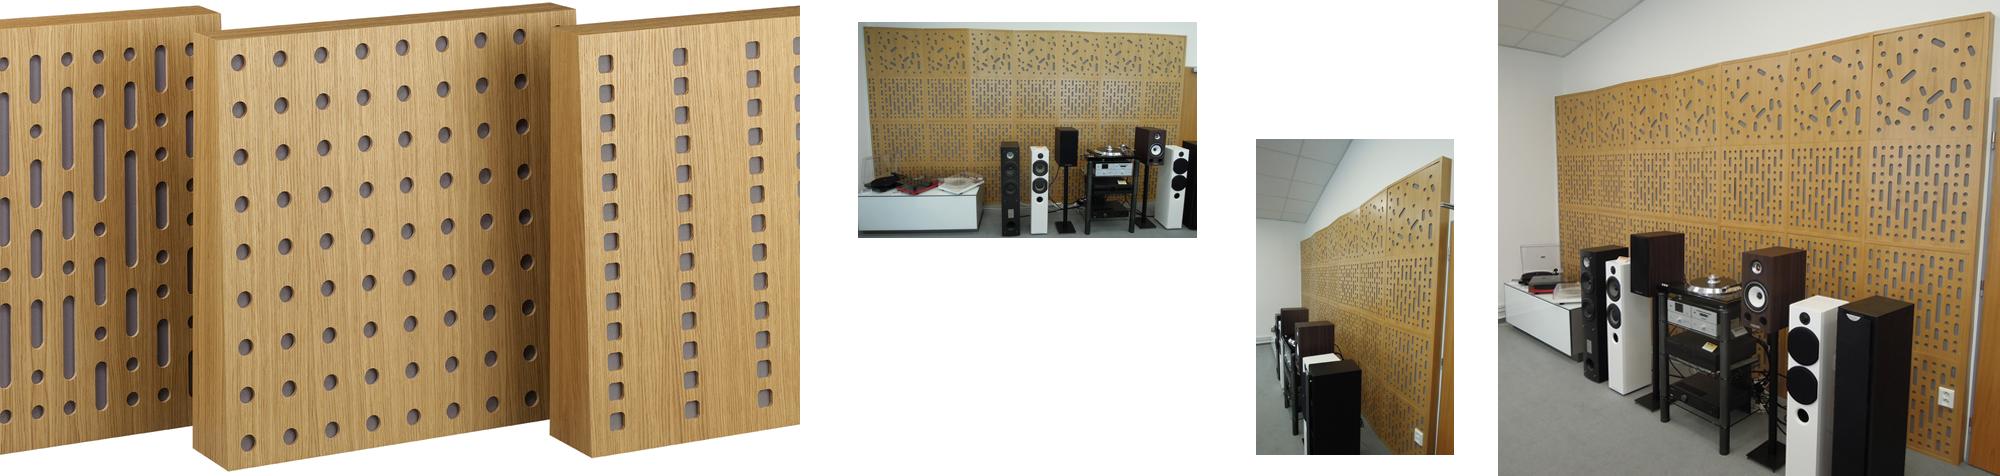 Panele akustyczne Przedstawiamy nowy produkt w naszej ofercie – panel akustyczny, łączące w sobie funkcję dyfuzora oraz absorbera. Dzięki nowatorskiej konstrukcji panele doskonale poprawiają warunku akustyczne pomieszczenia nie przegłuszając go. Dźwięk pozostaje czytelny i zrównoważony. AQ Soundpanel, został zaprojektowany w trzech wzorach o wymiarach 60 x 60 cm, panel wypełniony wełną mineralną pochłaniającą dźwięk, płyta frontowa z odpowiednimi wzorami perforacji rozpraszająca dźwięk. Prosty i bezpieczny montaż zapewniają cztery otwory, panele nadają się do montażu na ścianie lub na suficie. Eliminuje pogłos, wyrównuje charakterystykę pomieszczenia unikając przetłumienia, szerokopasmowa skuteczność działania.